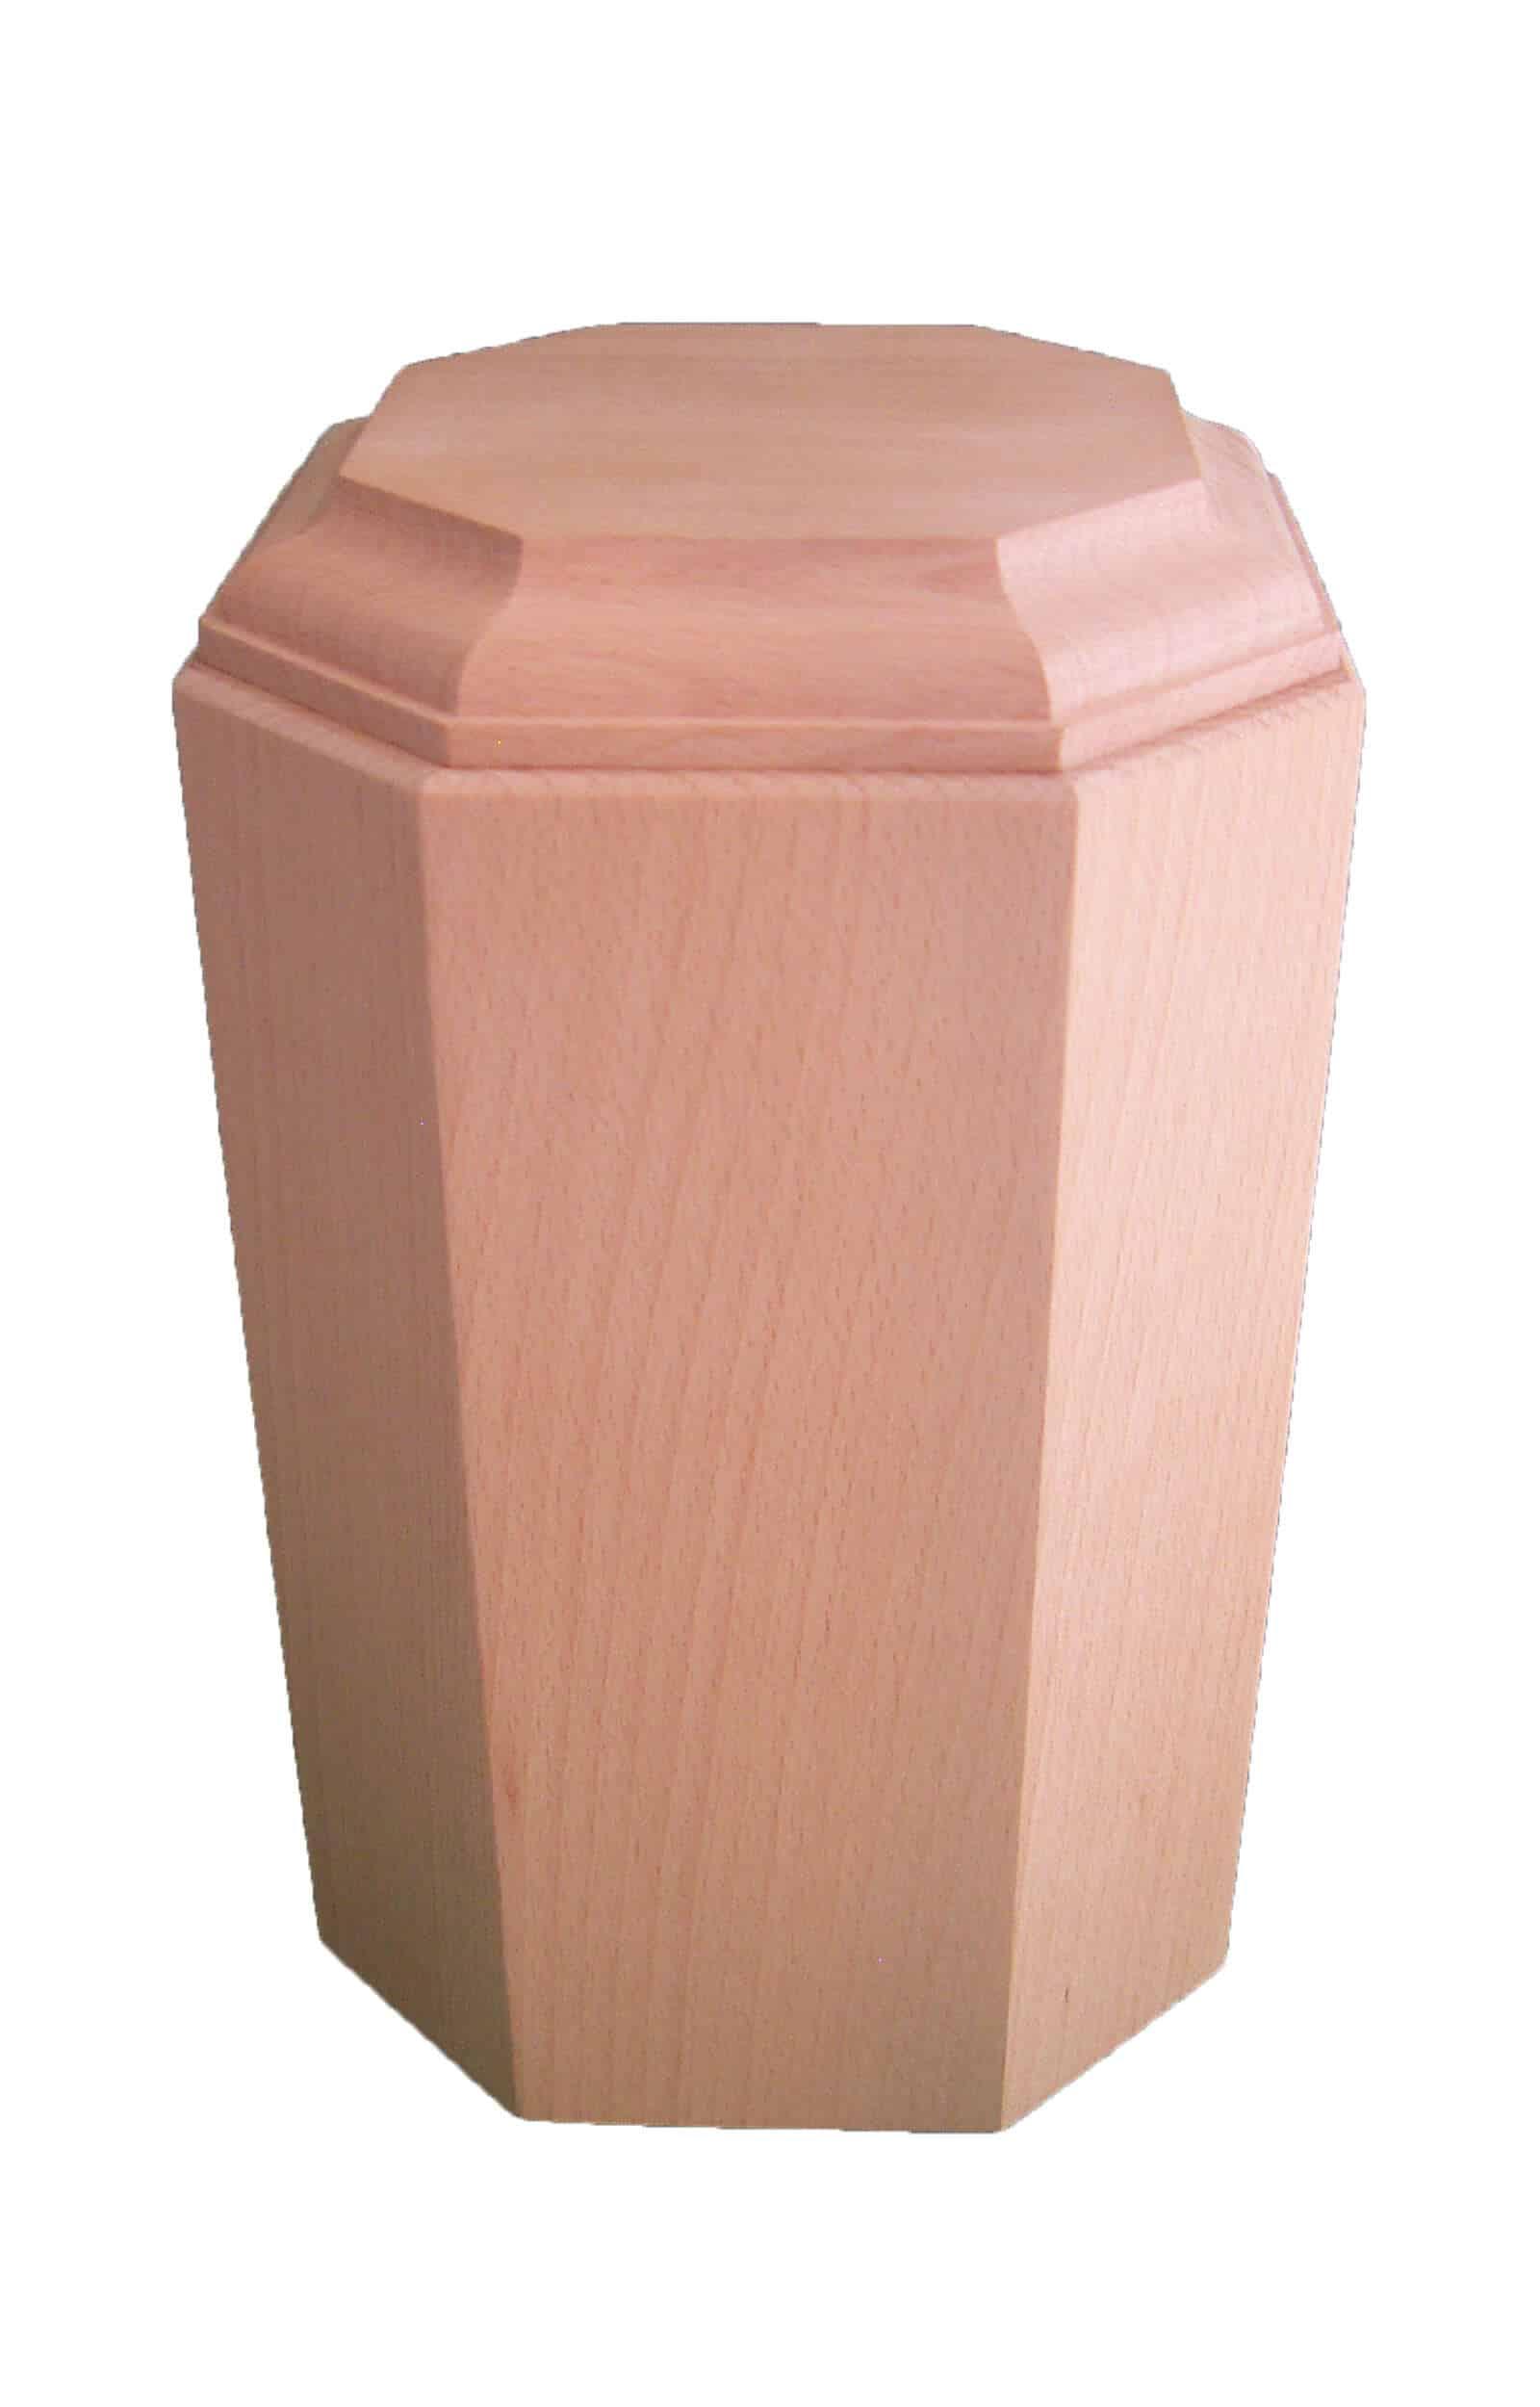 HB3104 buchenholz Urne kaufen Holzuren 100% natürlich